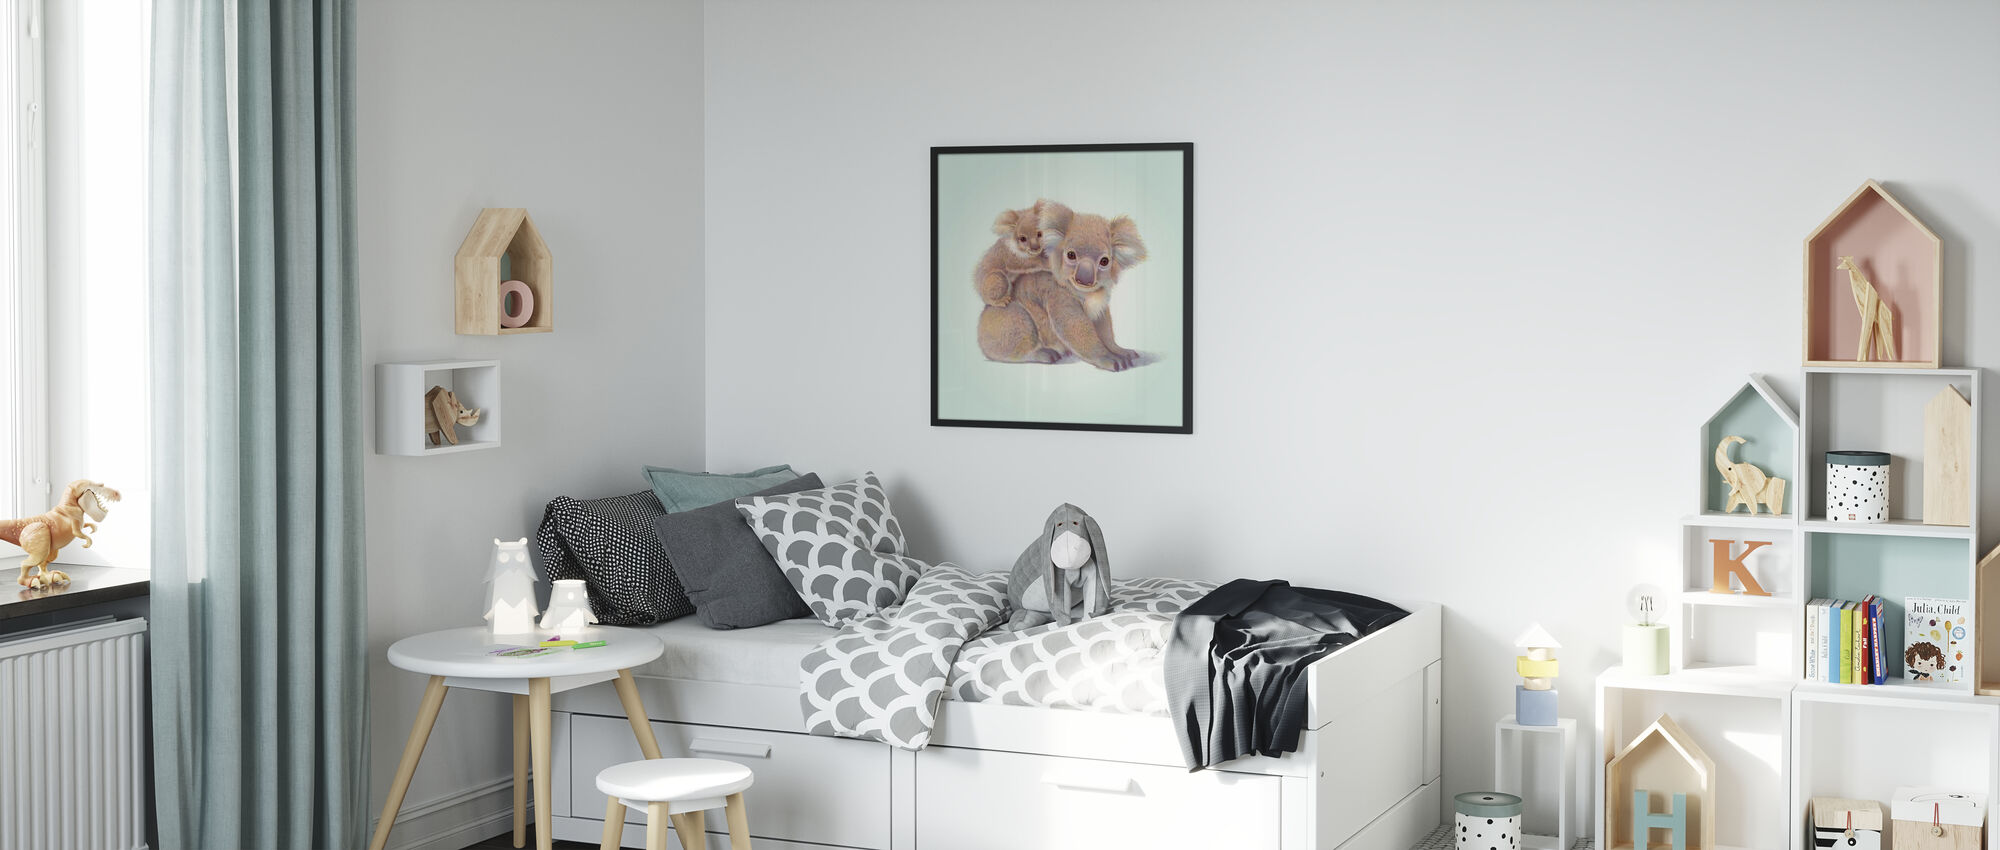 Koala Baby - Poster - Kids Room